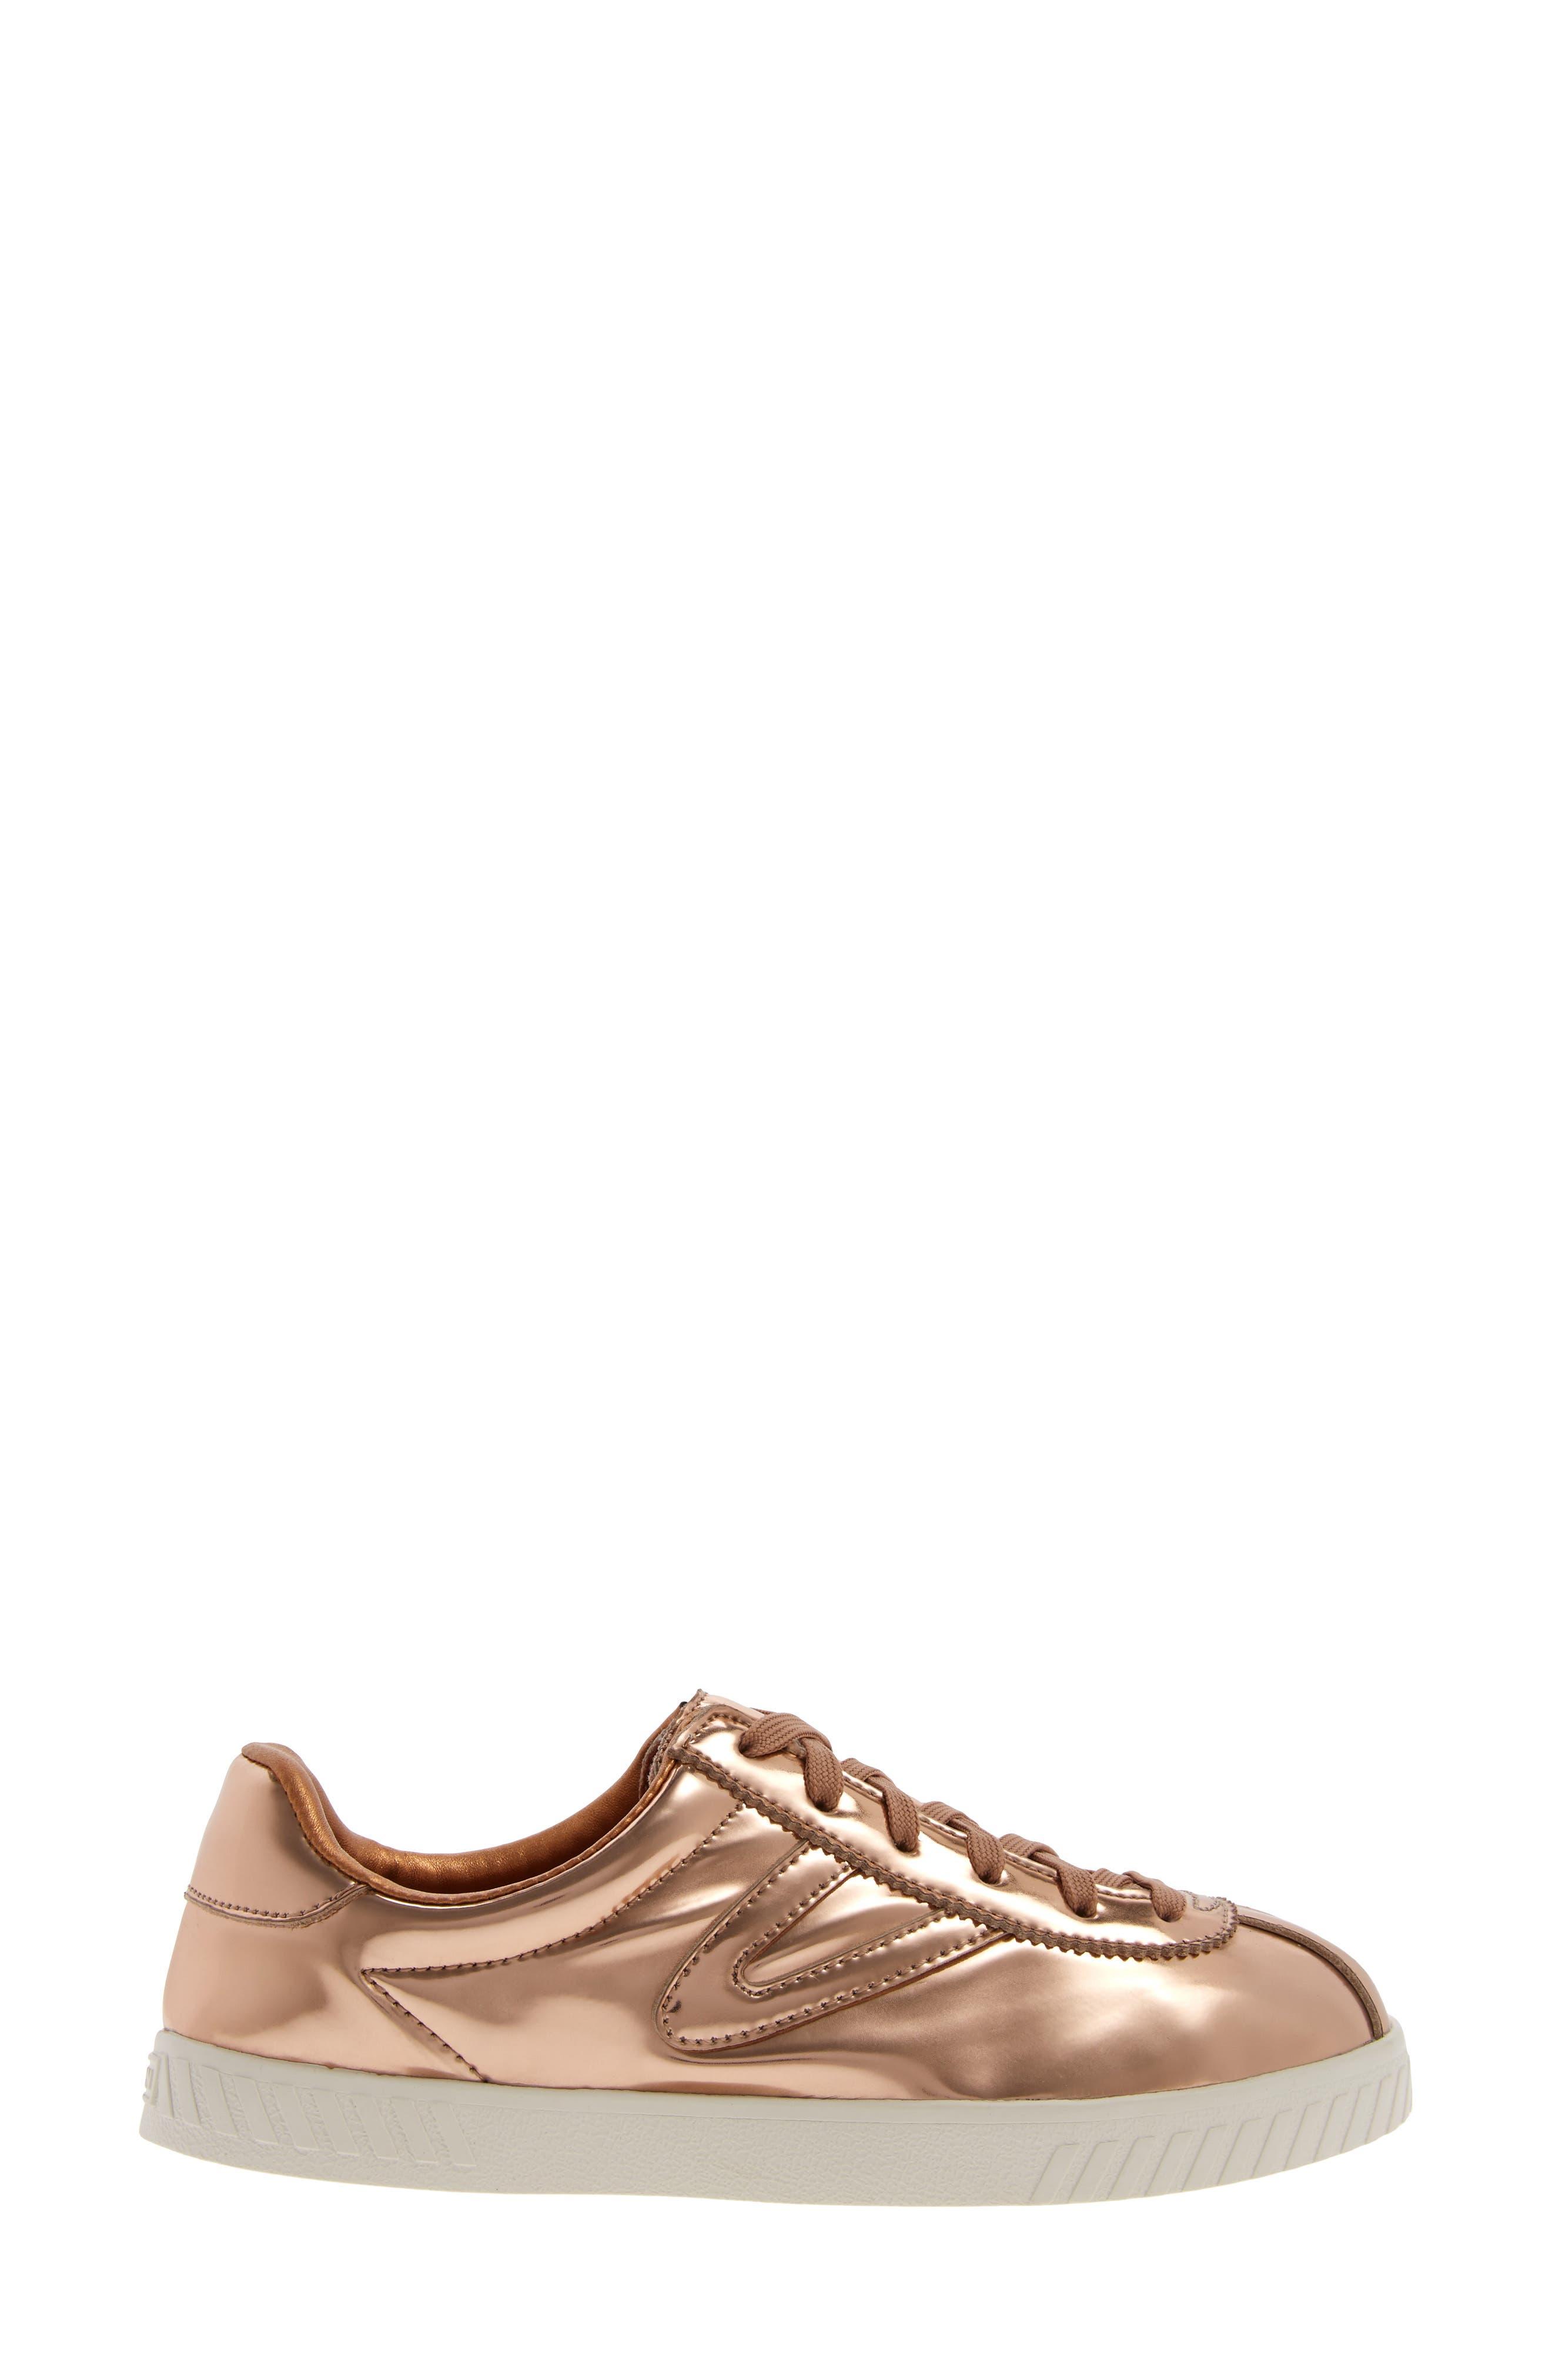 Alternate Image 2  - Tretorn Camden 2 Sneaker (Women)